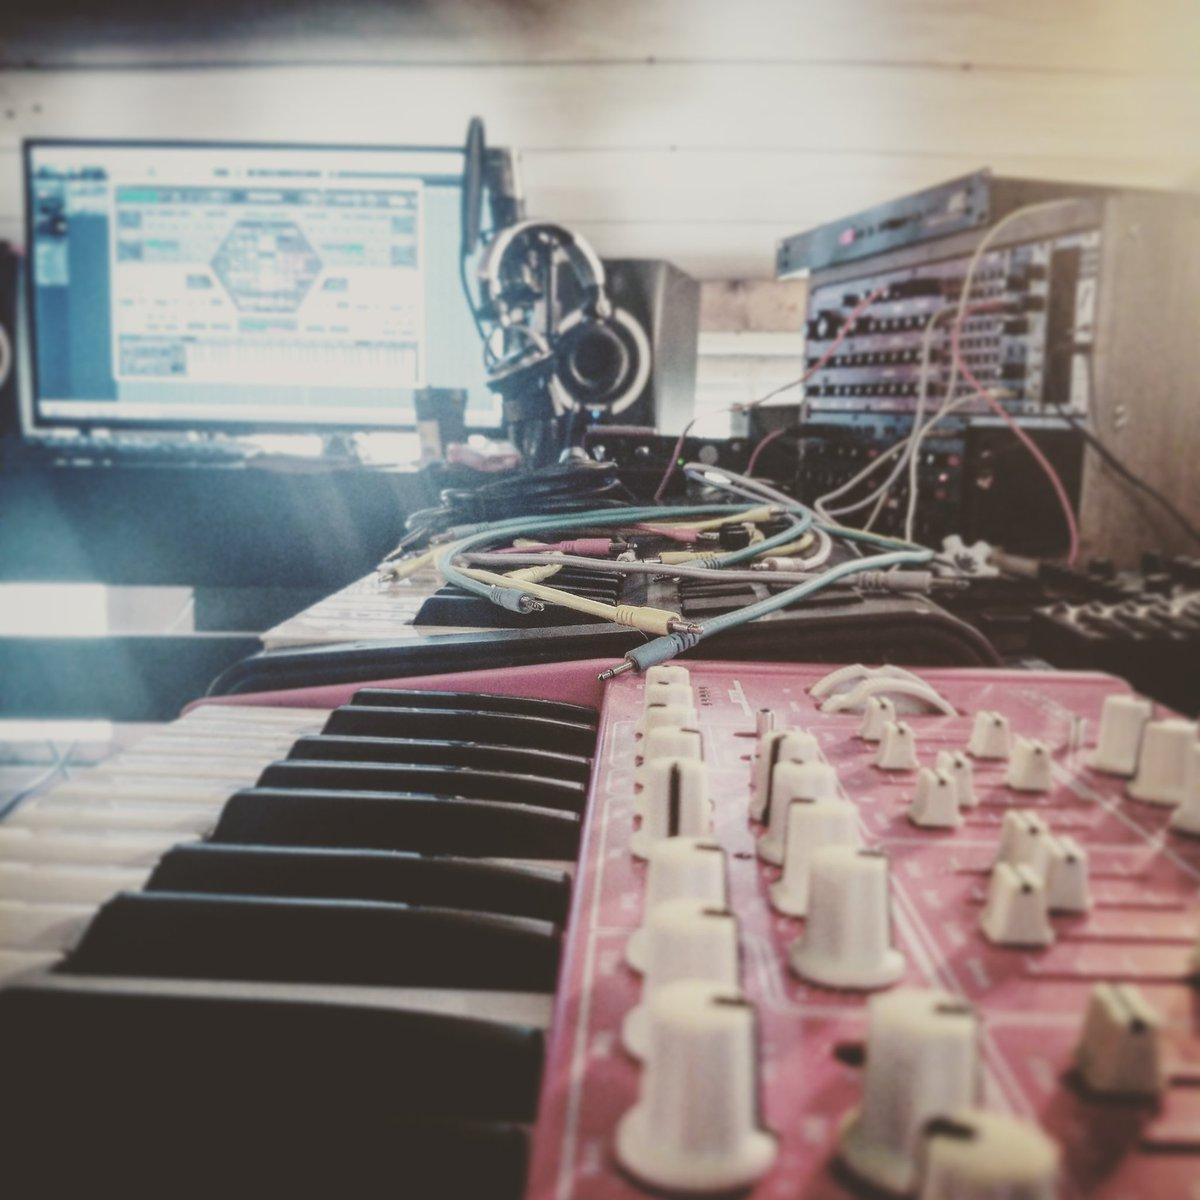 Busy week ahead #techno pic.twitter.com/QL6juFjoMr